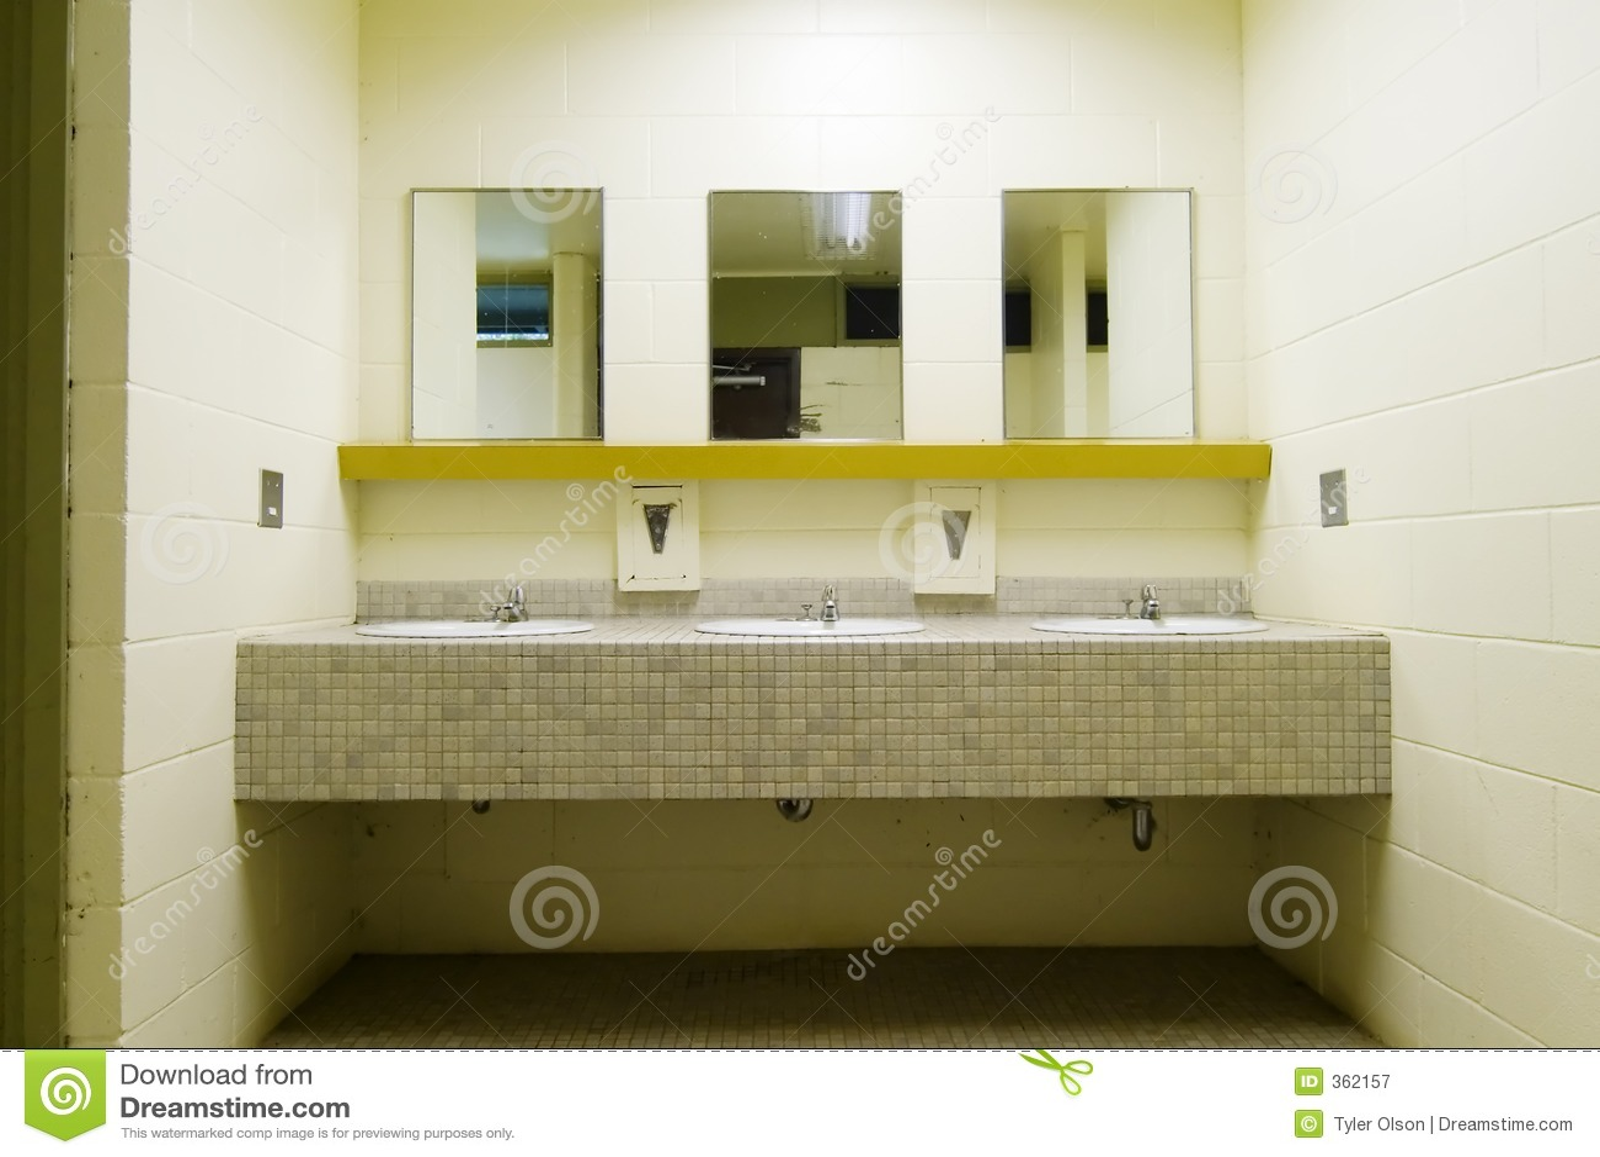 Salle De Bain Public ~ Salle De Toilette Publique Image Stock Image Du Froid 362157